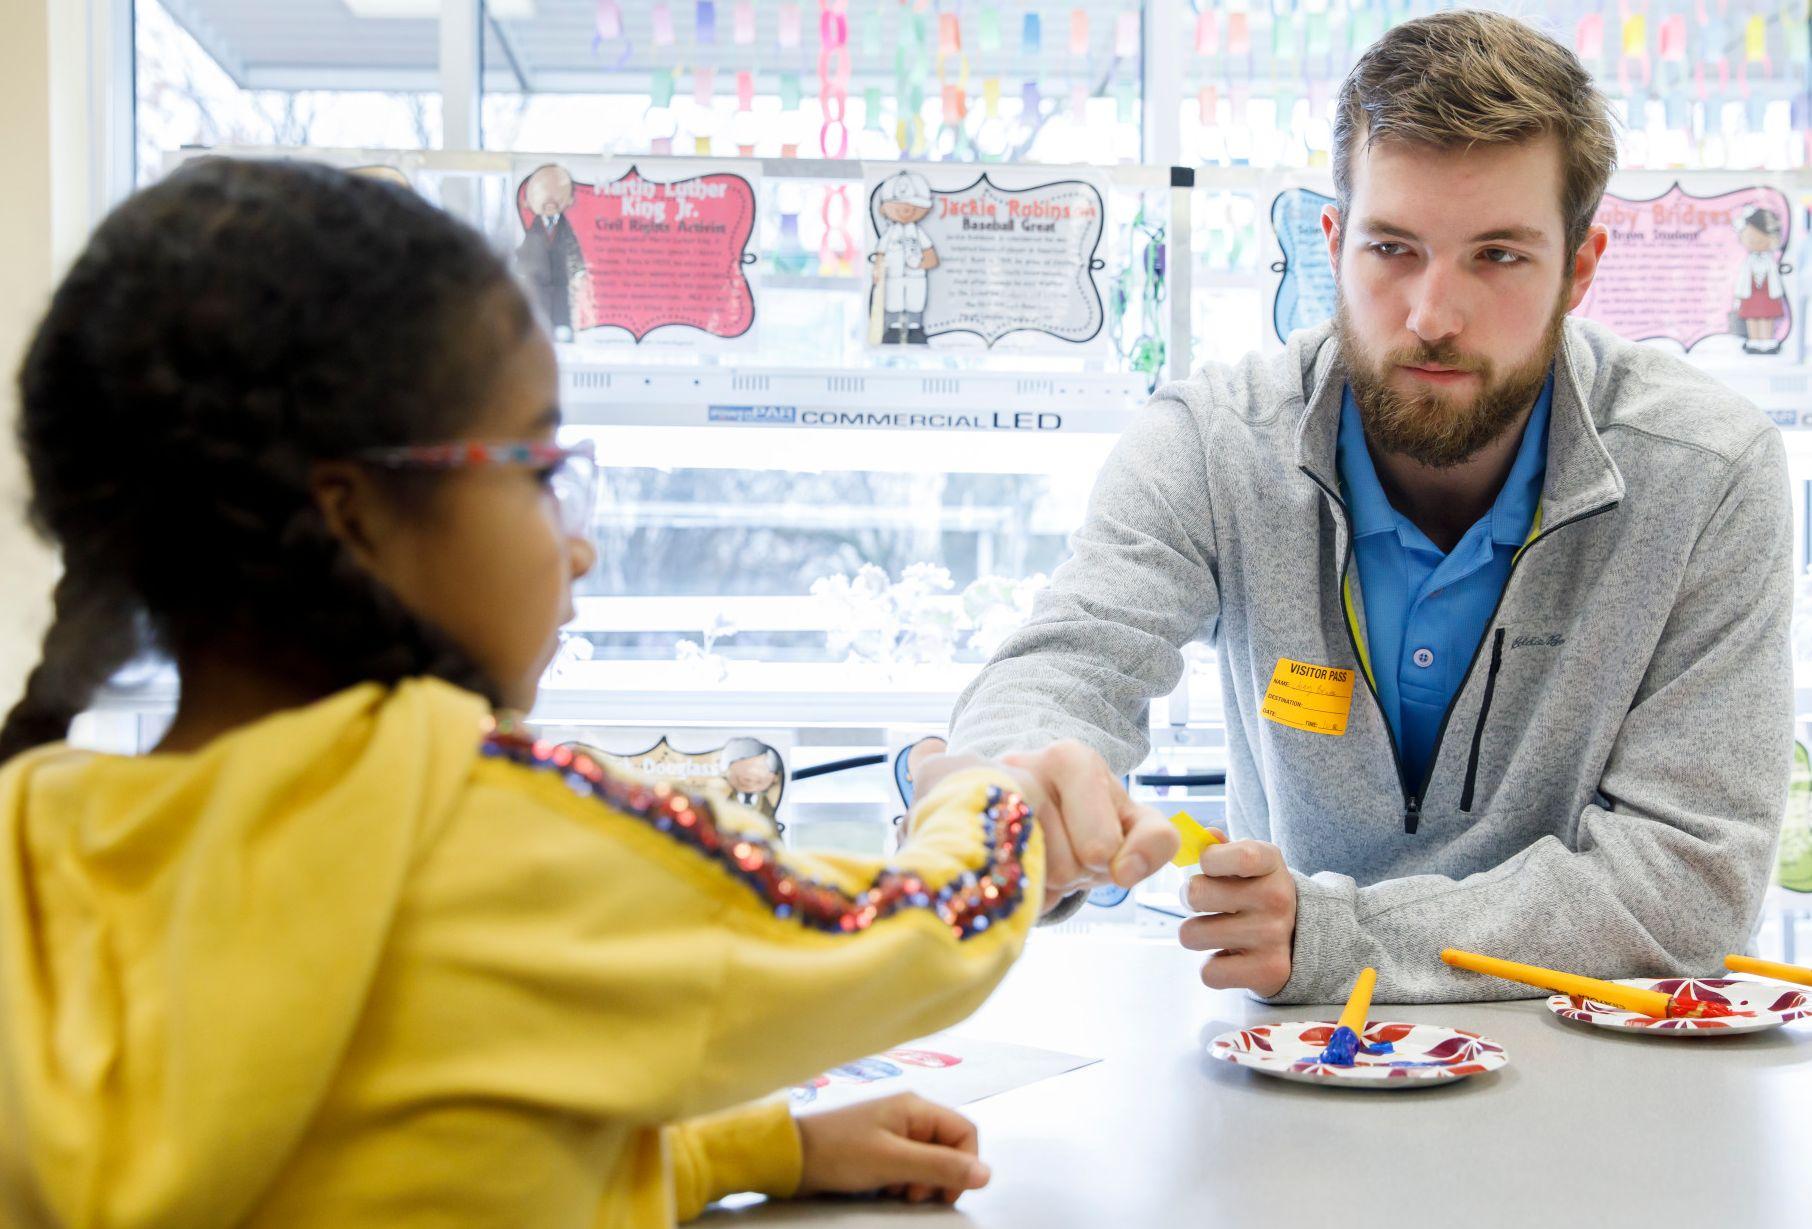 Joey Brunk fist-bumps a first-grader